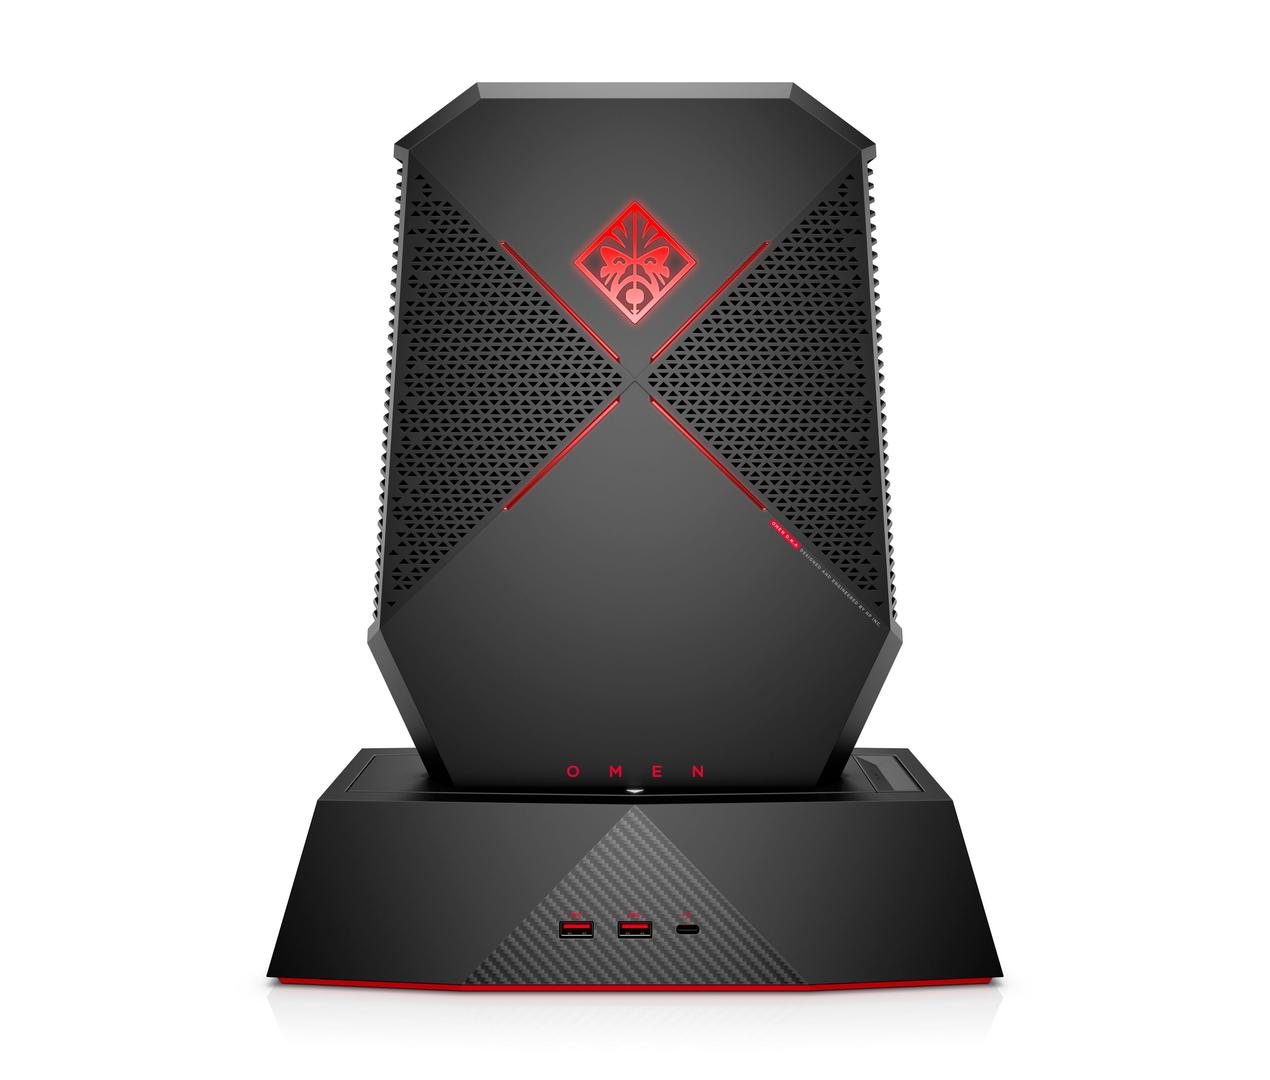 OMEN X Compact Desktop